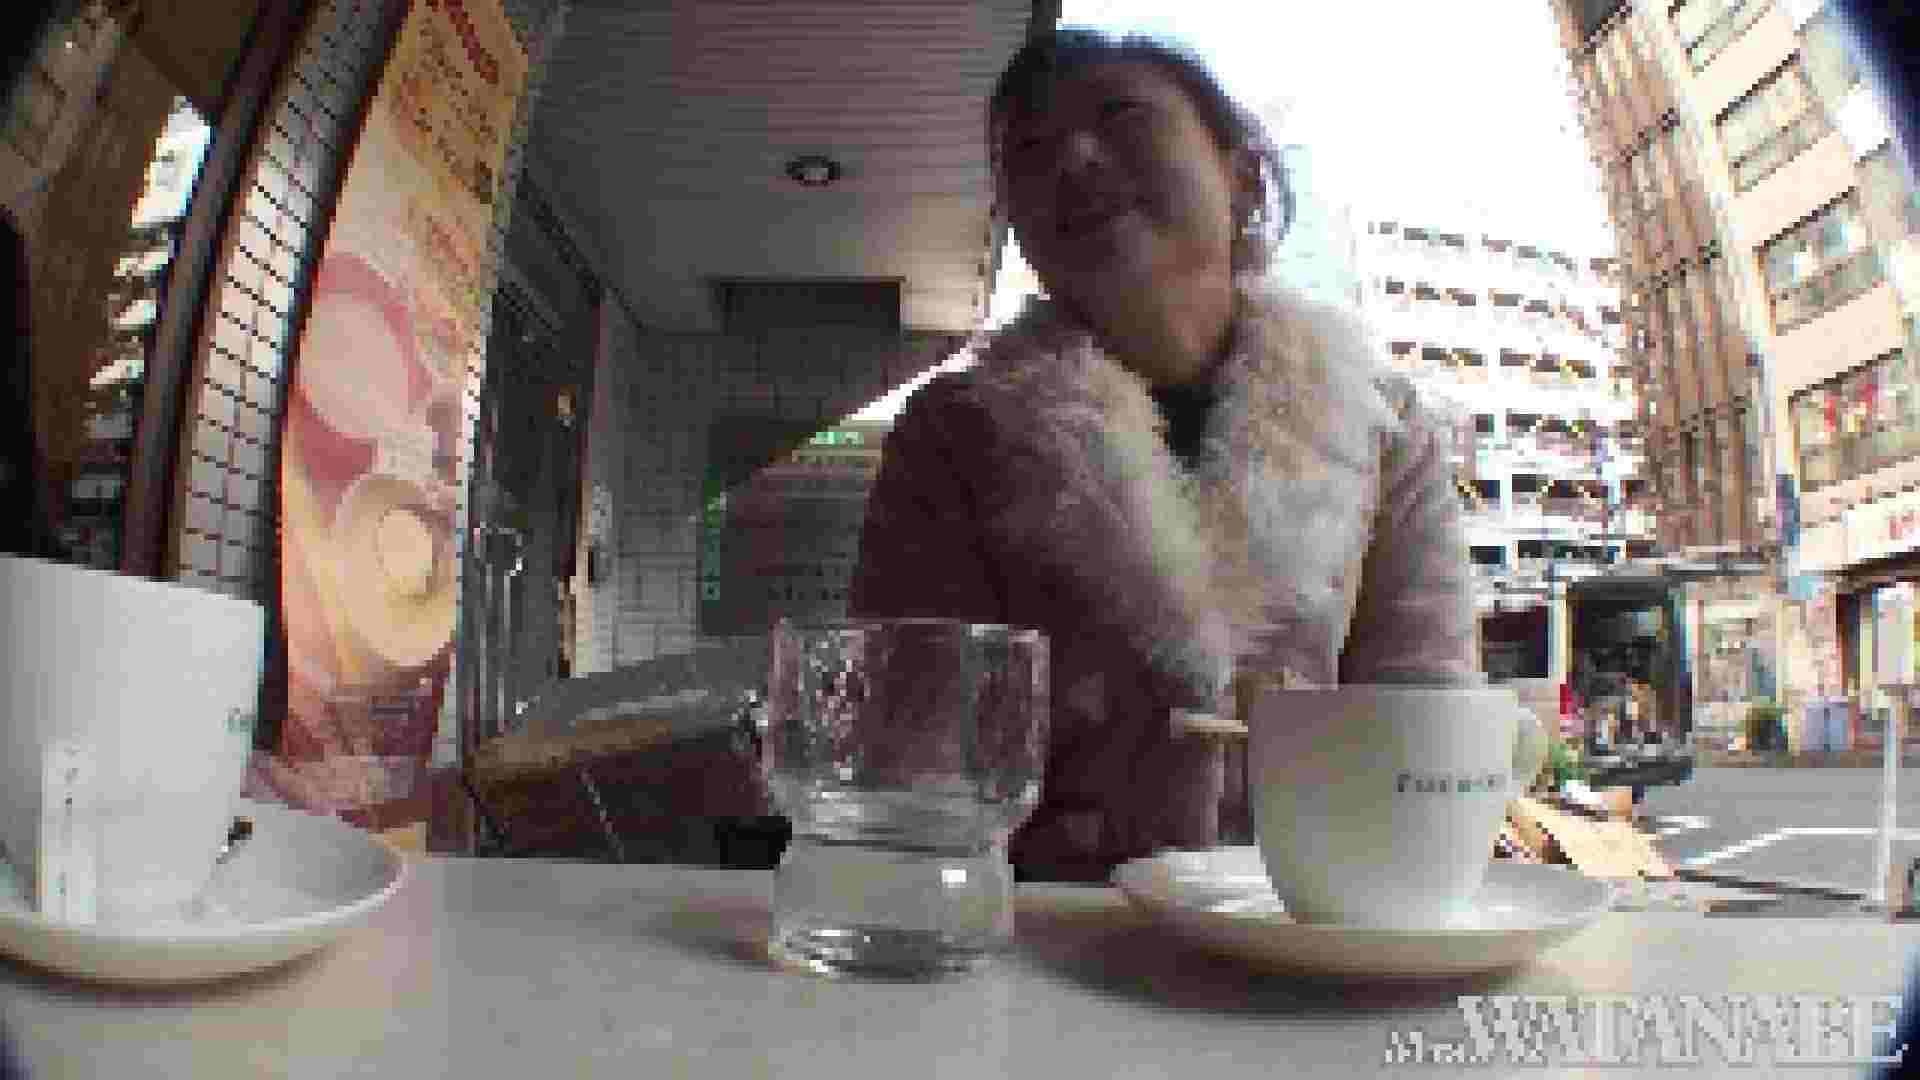 撮影スタッフを誘惑する痴熟女 かおり40歳 Vol.01 素人 | HなOL  67pic 51